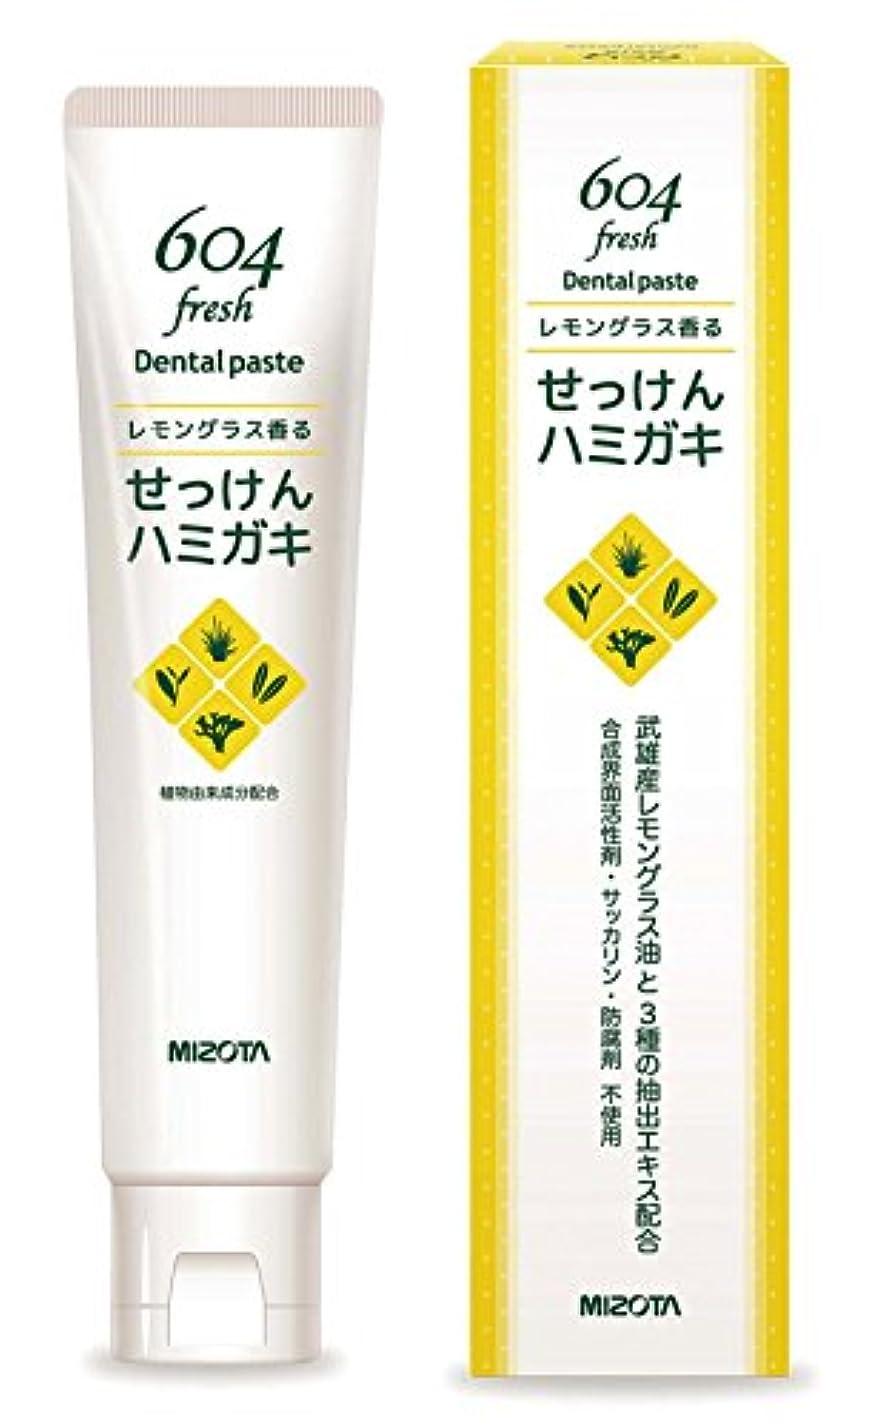 かる代名詞鑑定ミゾタ604石鹸ハミガキ